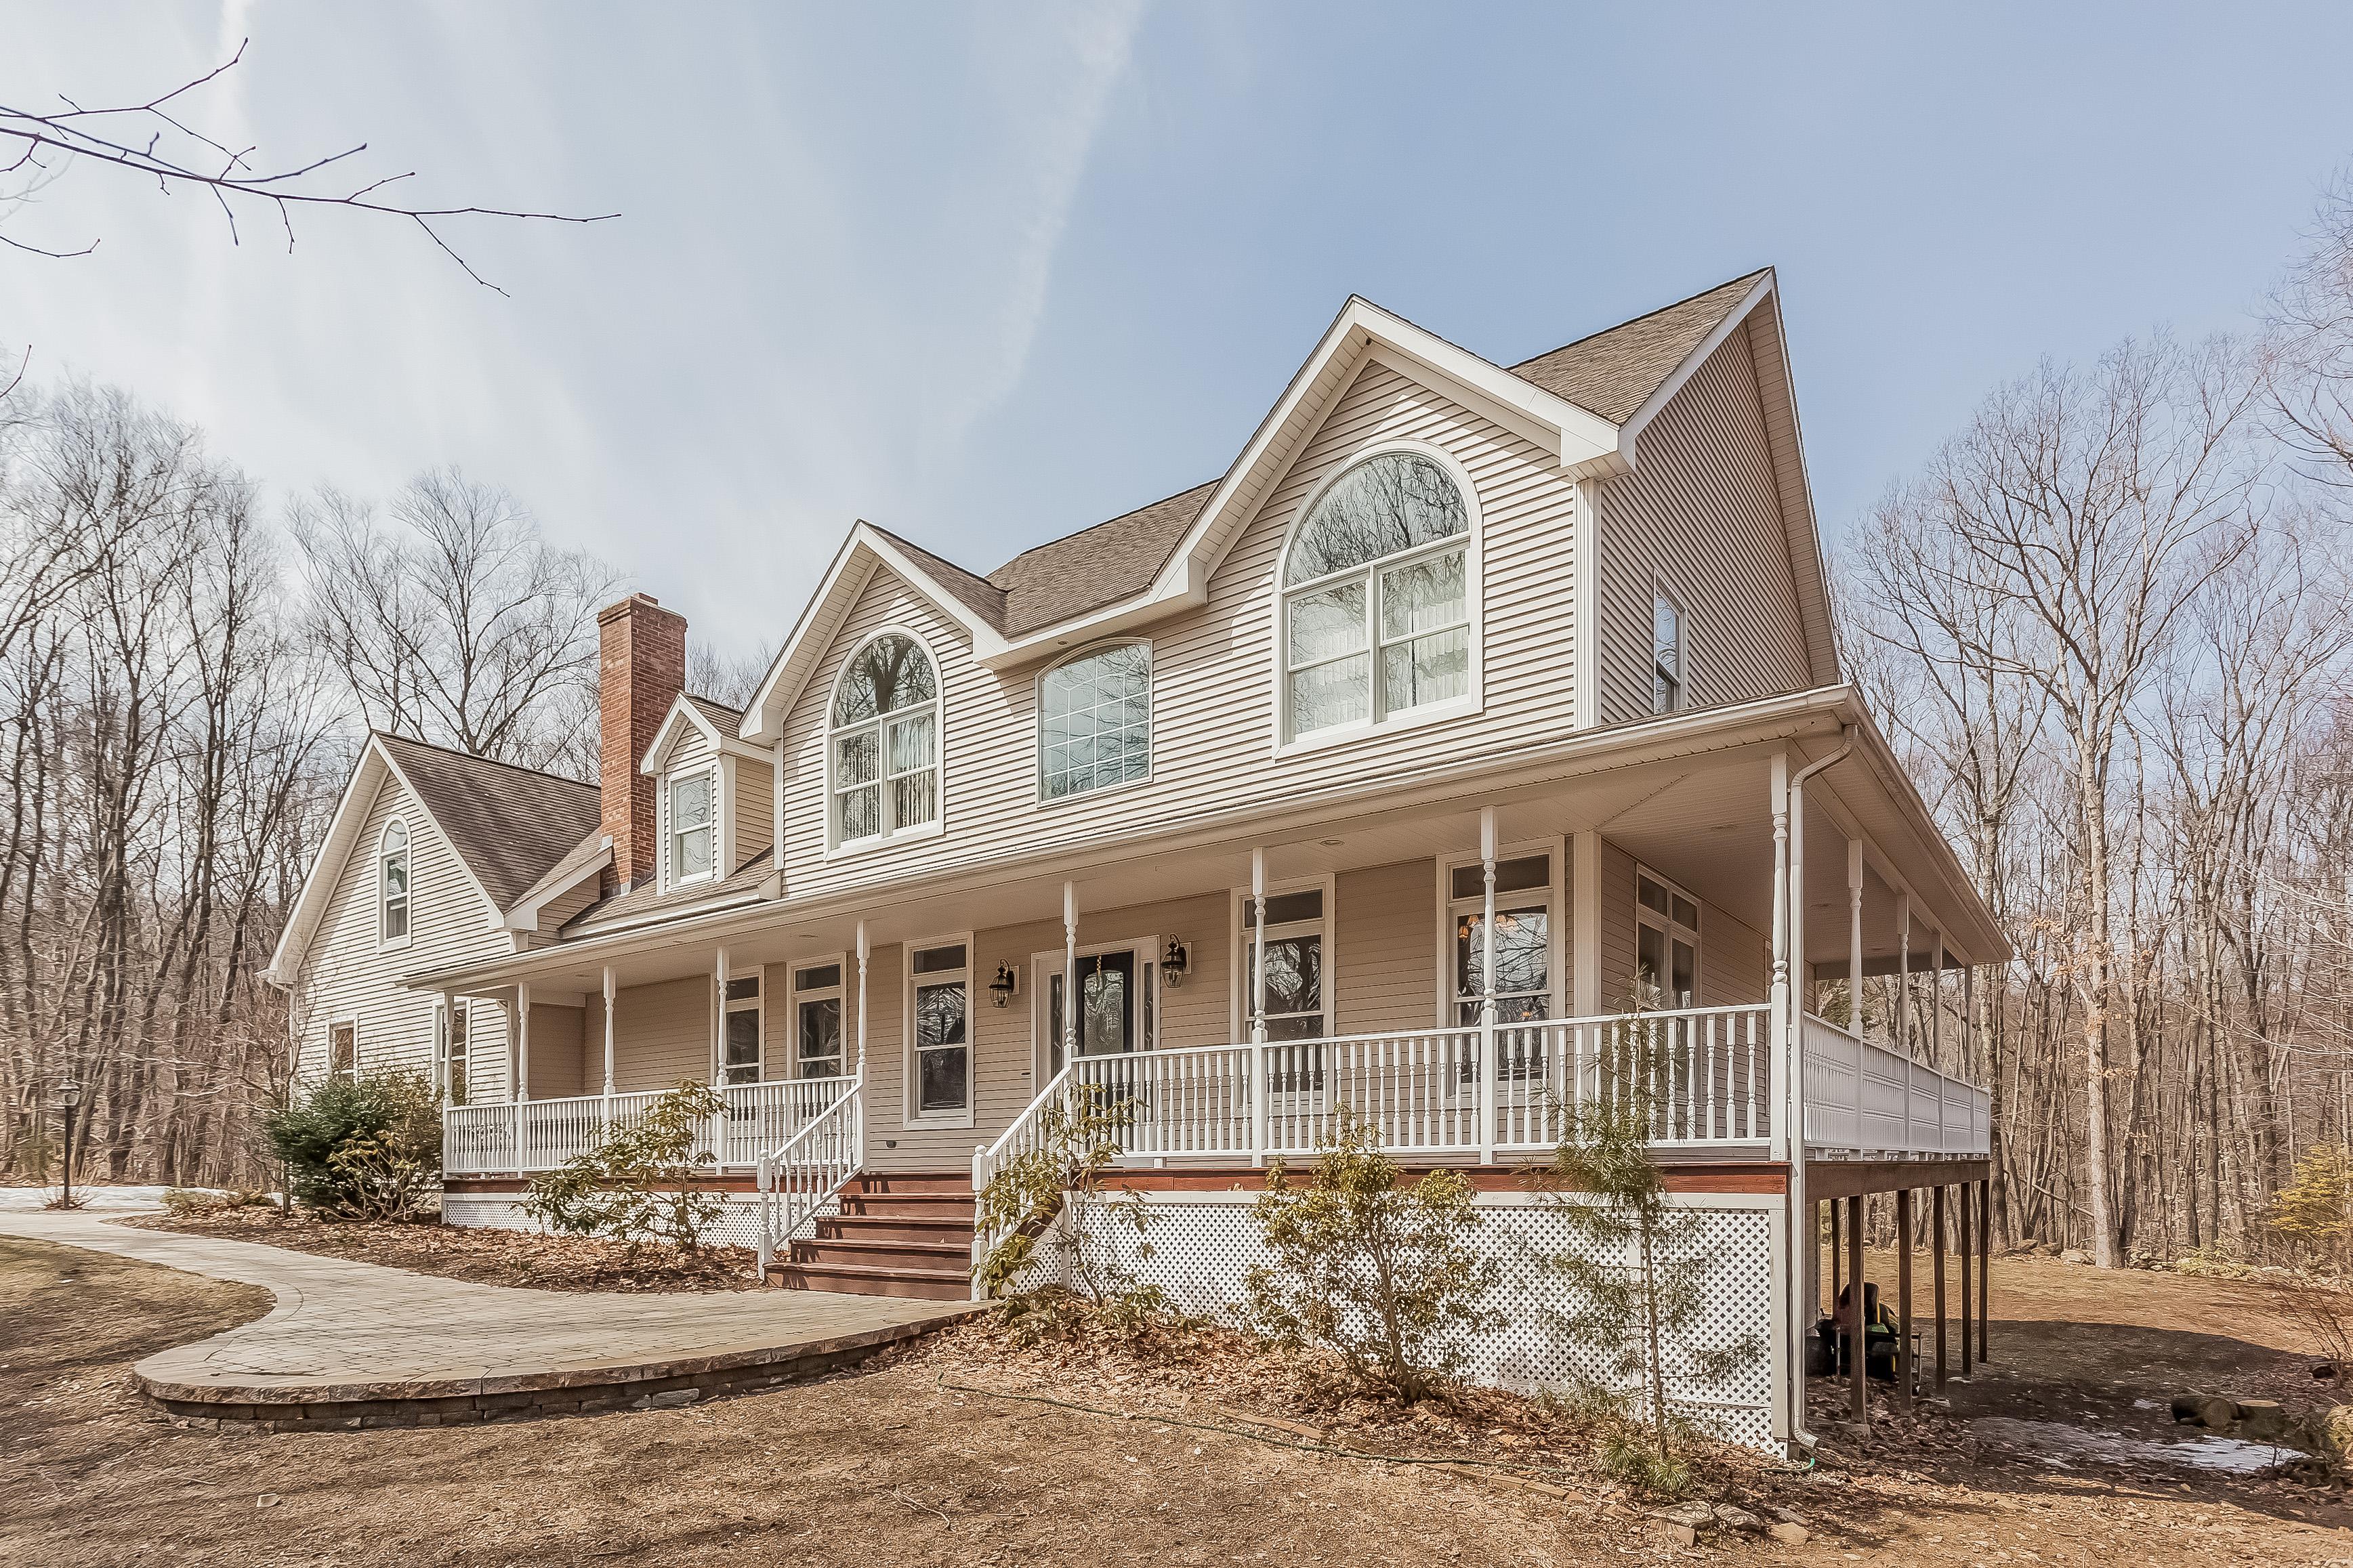 Casa Unifamiliar por un Venta en Beautiful Colonial with Wrap Around Porch 65 Emily Road Marlborough, Connecticut 06447 Estados Unidos